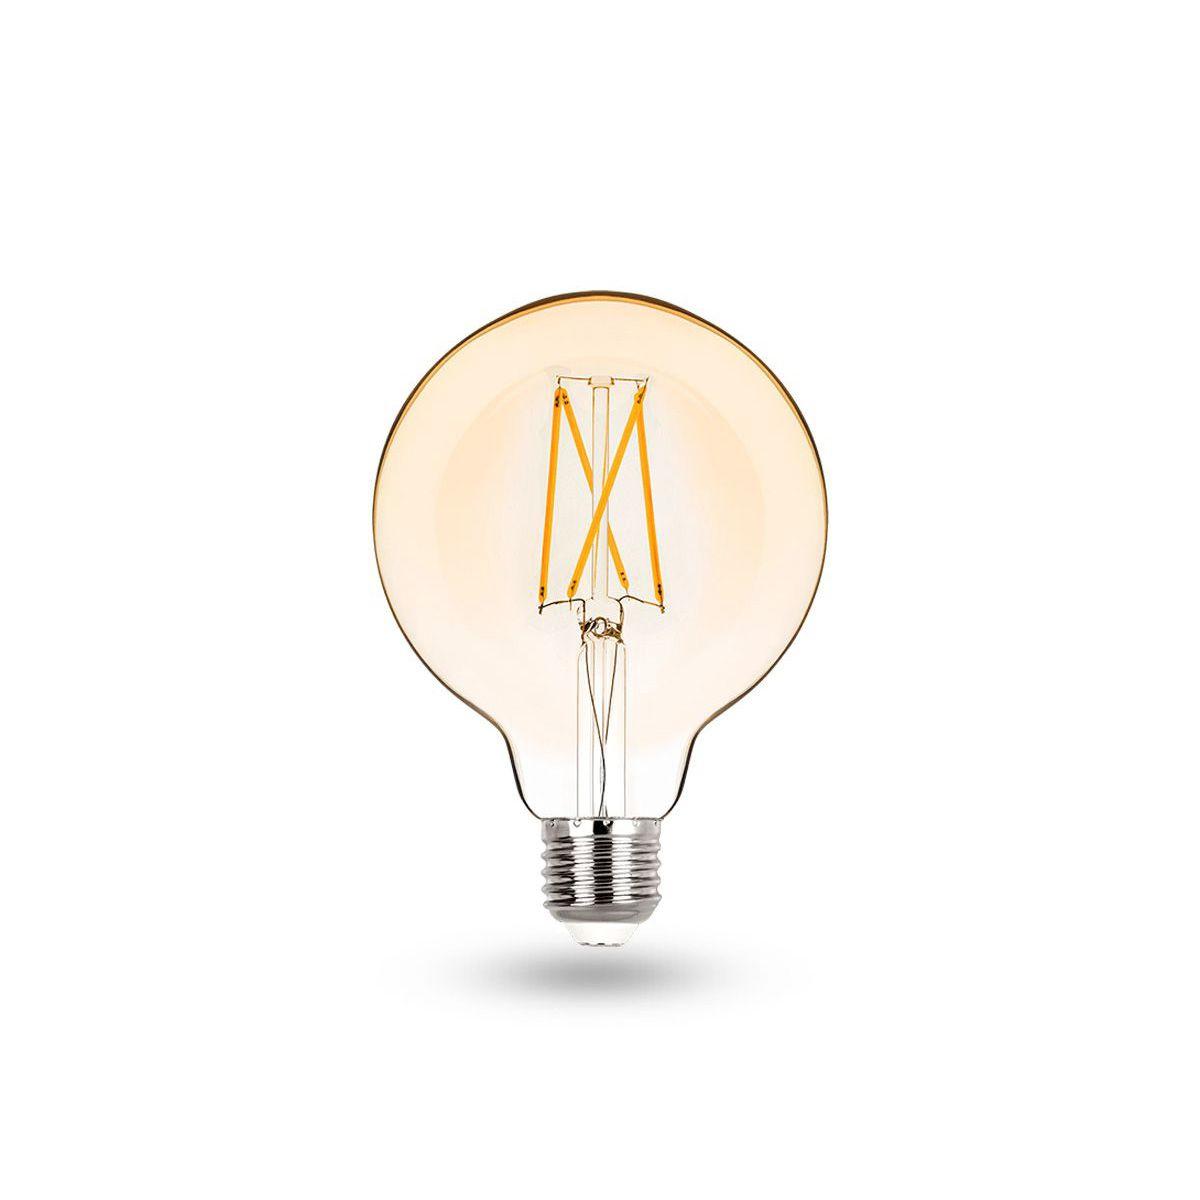 Lâmpada LED Balloon G95 E27 2W  Filamento Vintage 2400K - Stella -STH6336/24